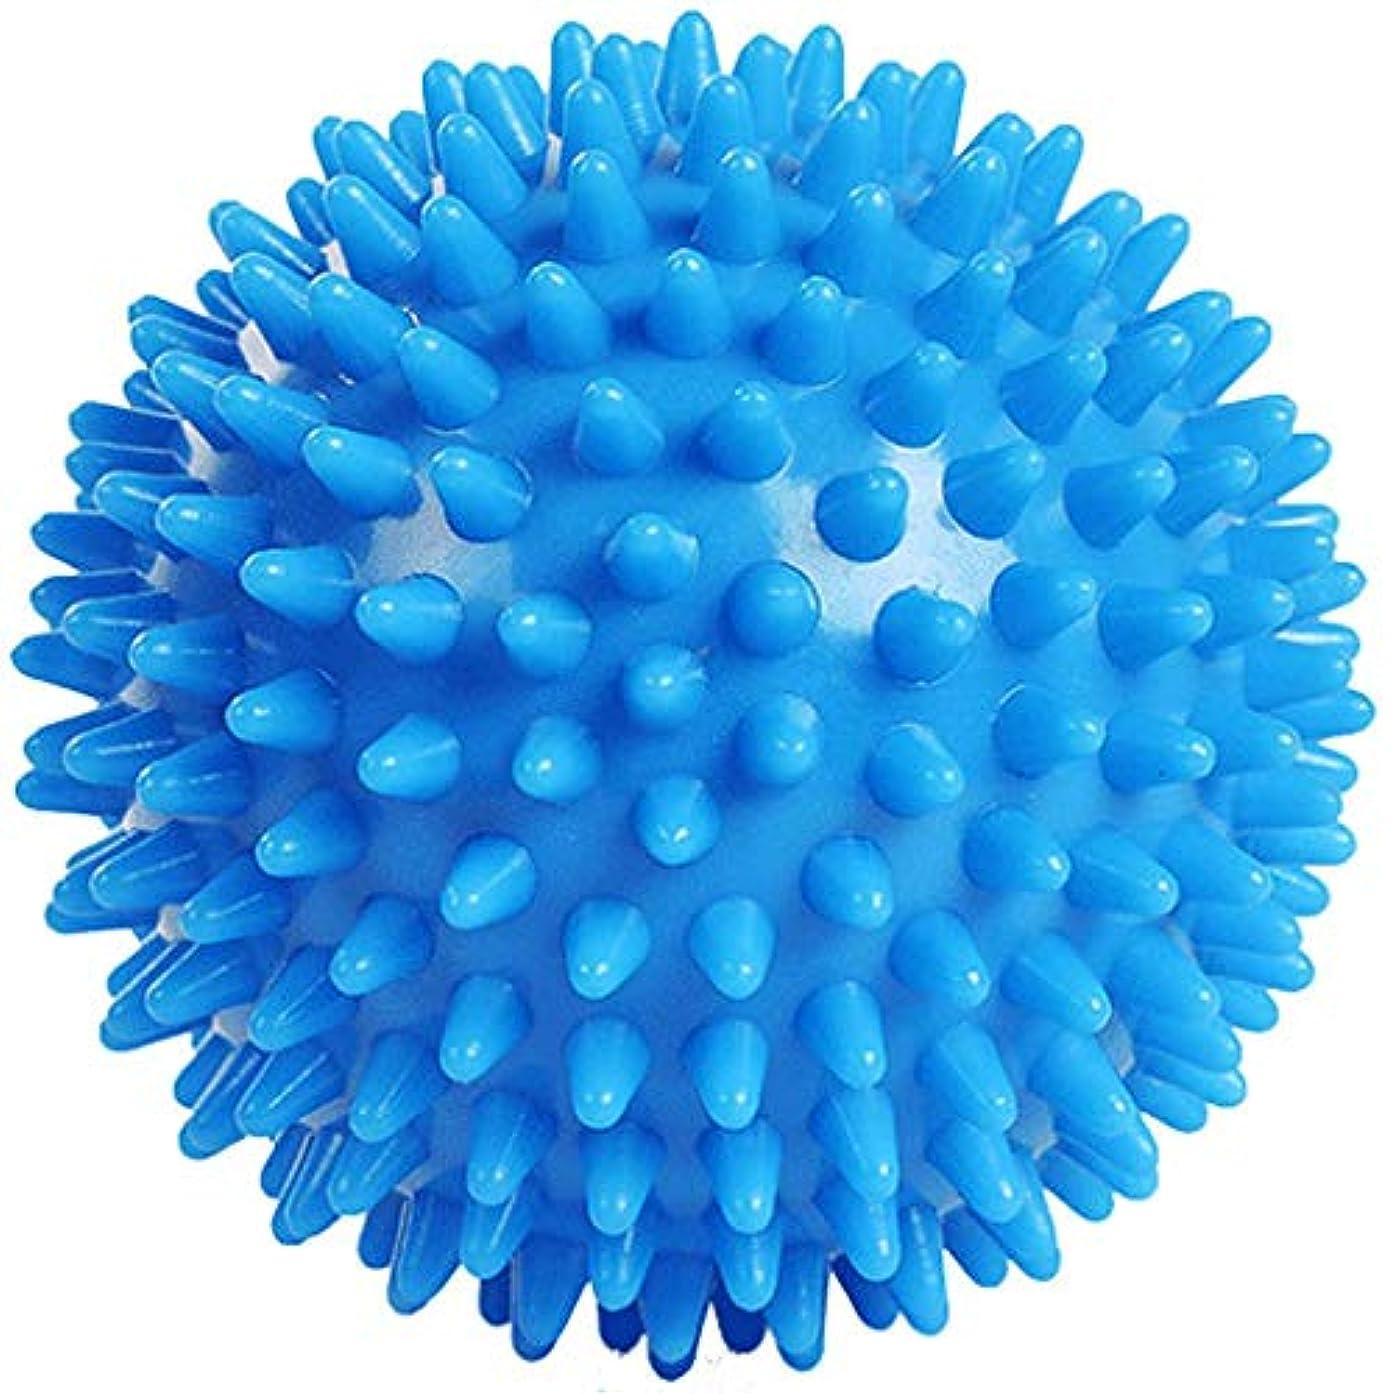 検証きつくバンドルKOROWA リフレックスボール 触覚ボール 足裏手 背中のマッサージボール リハビリ マッサージ用 血液循環促進 筋肉緊張 圧迫で解きほぐす